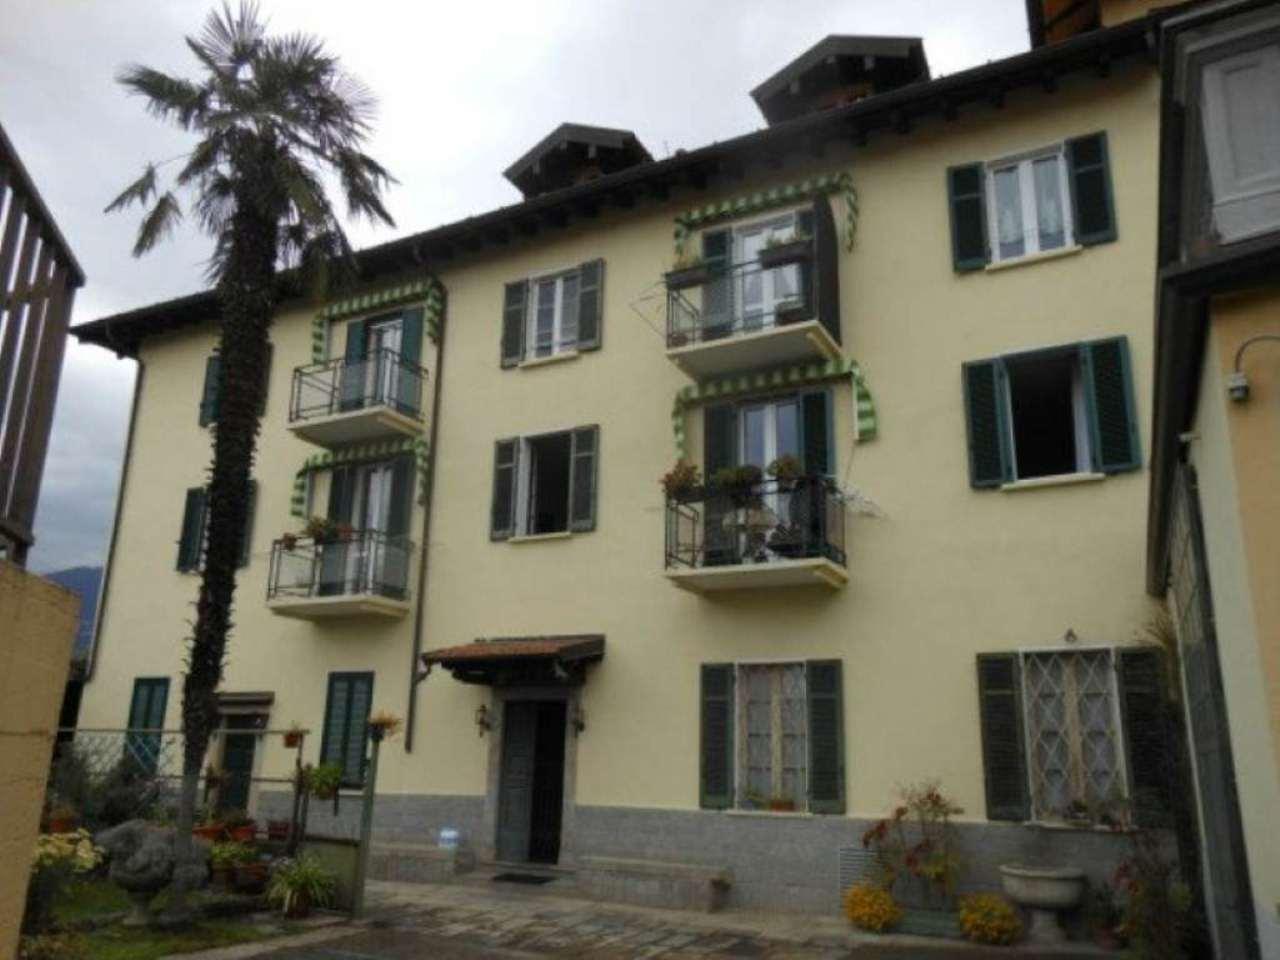 Appartamento in vendita a Maccagno con Pino e Veddasca, 3 locali, prezzo € 183.000 | Cambio Casa.it